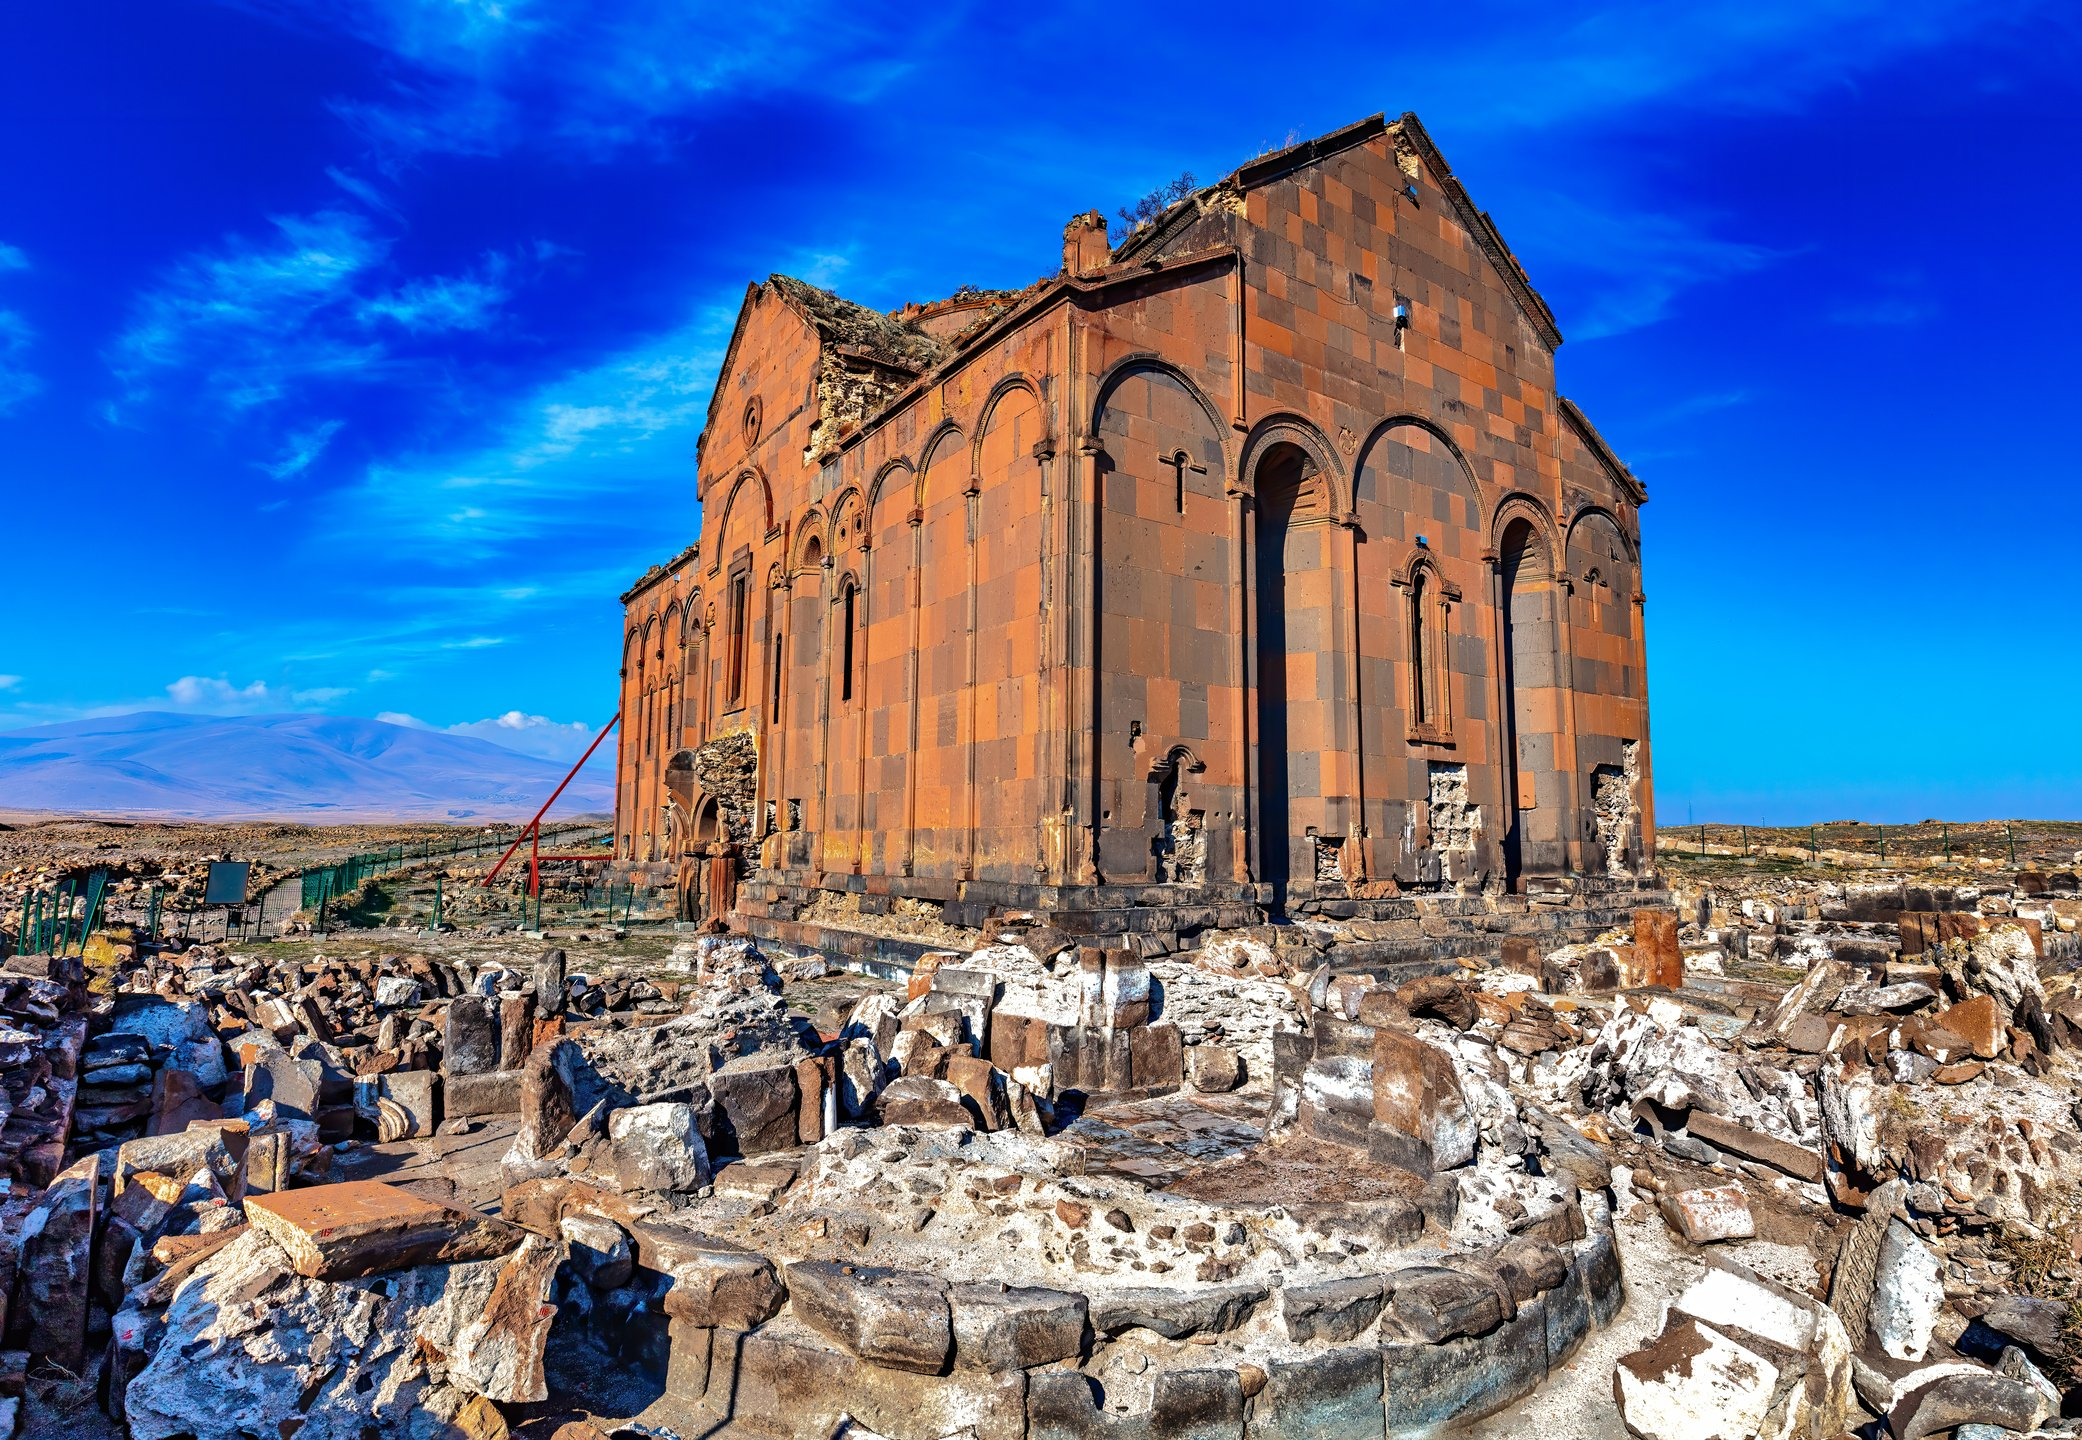 阿尼大教堂的废墟位于土耳其-亚美尼亚边境。